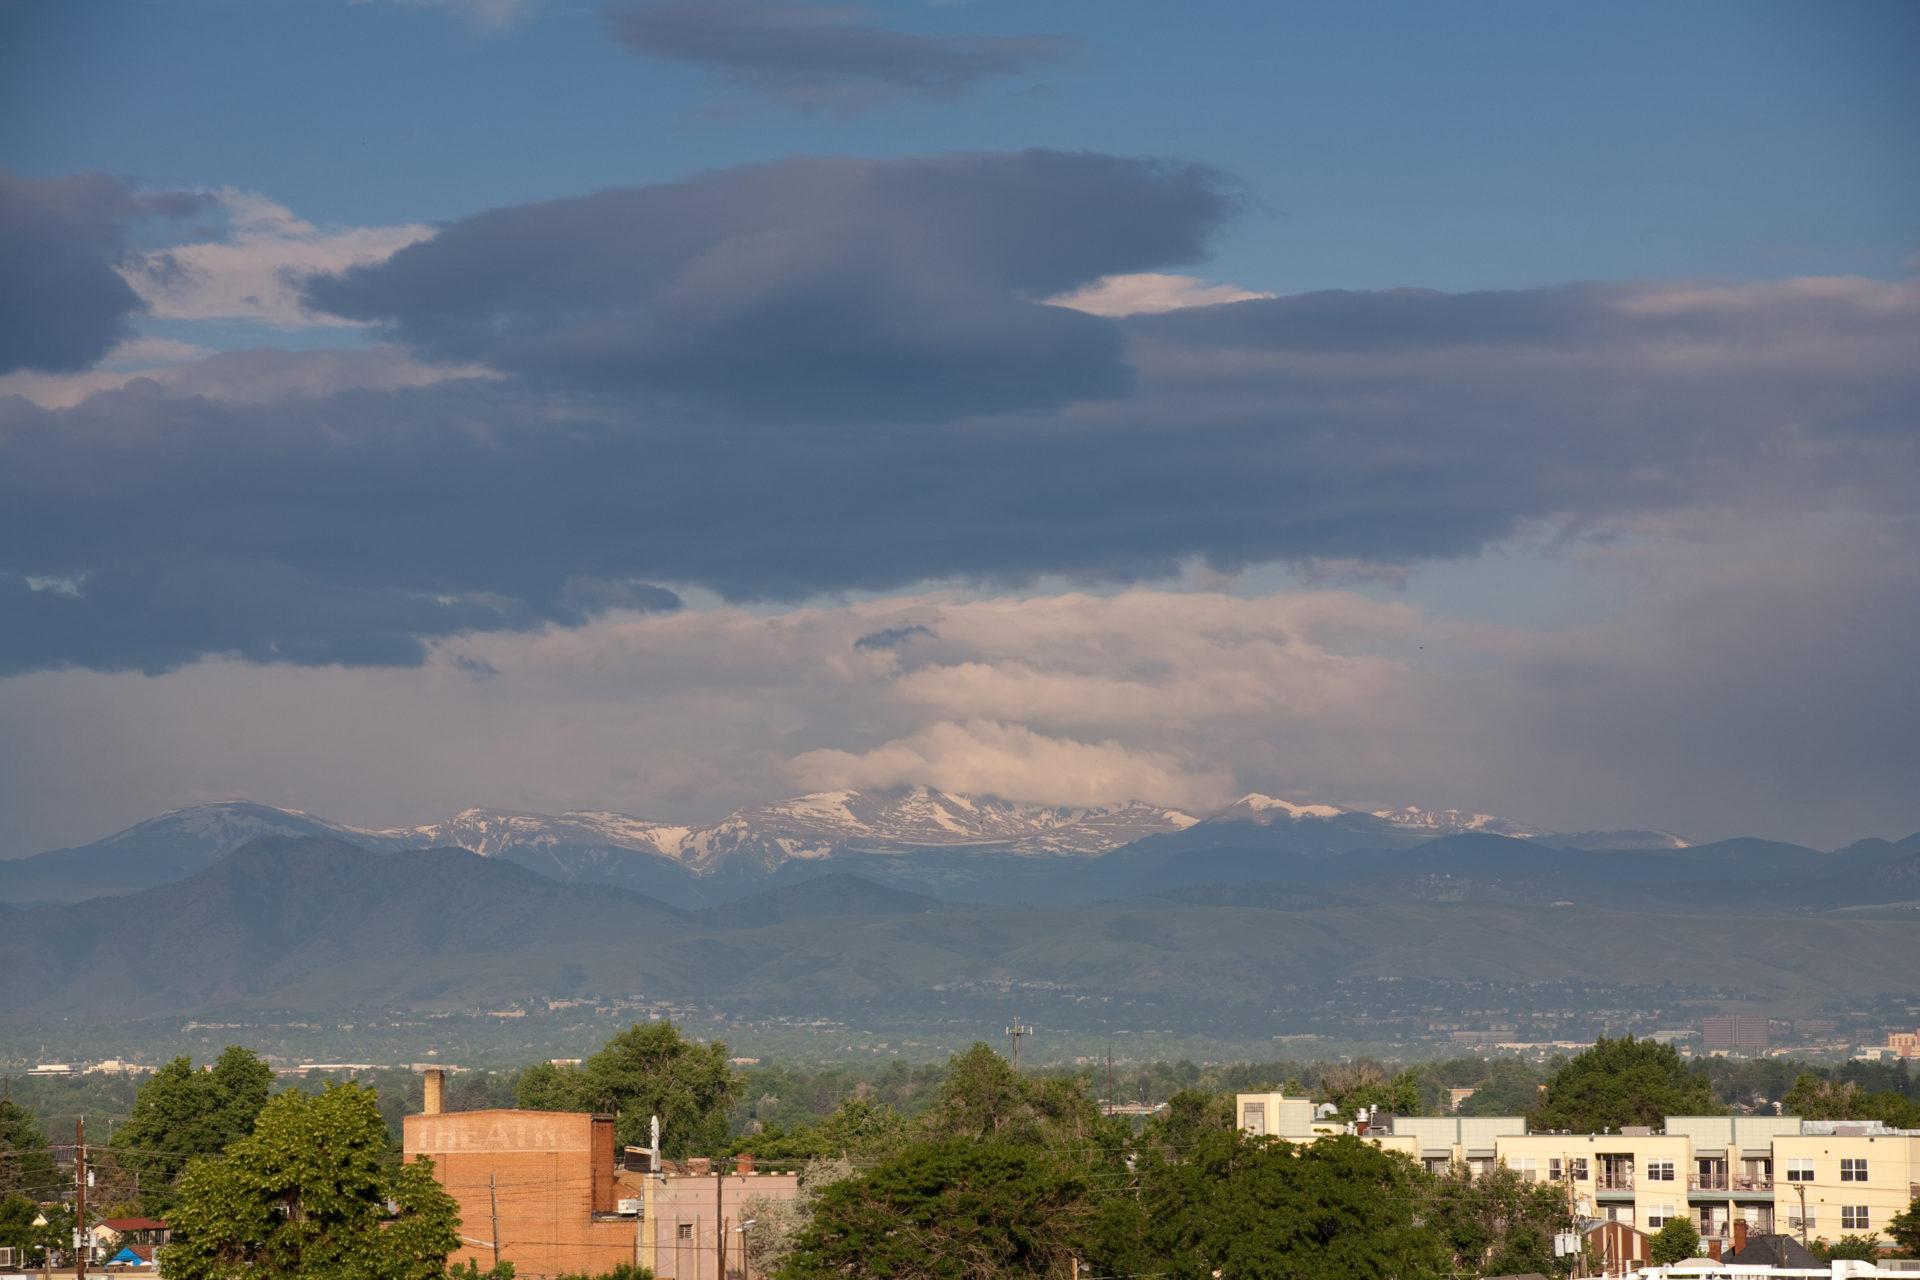 Mount Evans - June 14, 2011